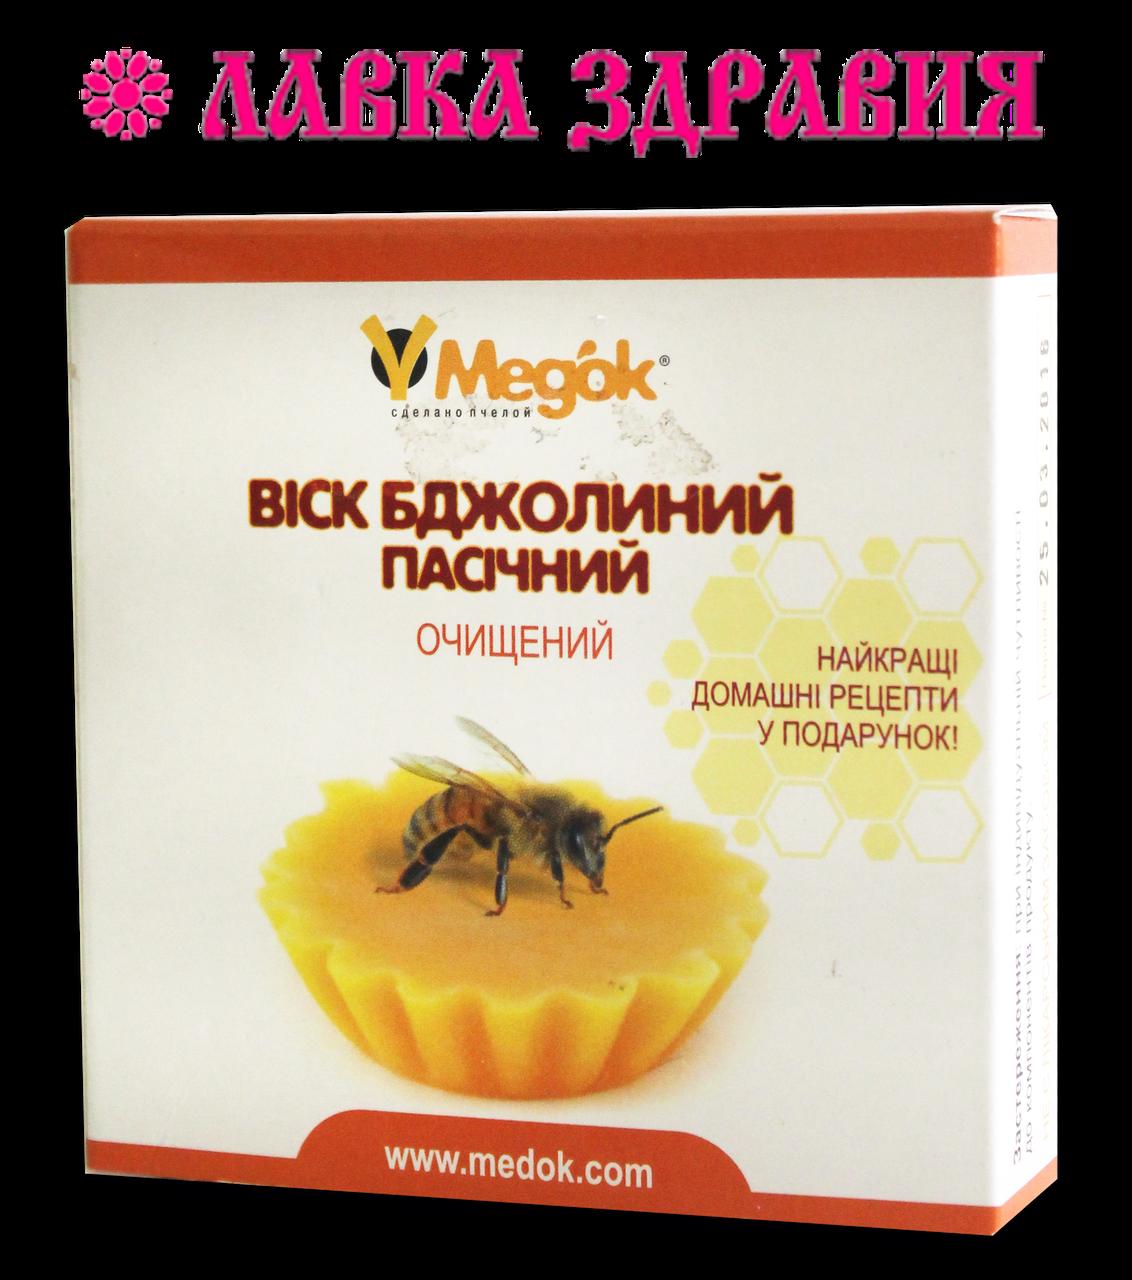 Основные способы применения пчелиного воска в косметологии